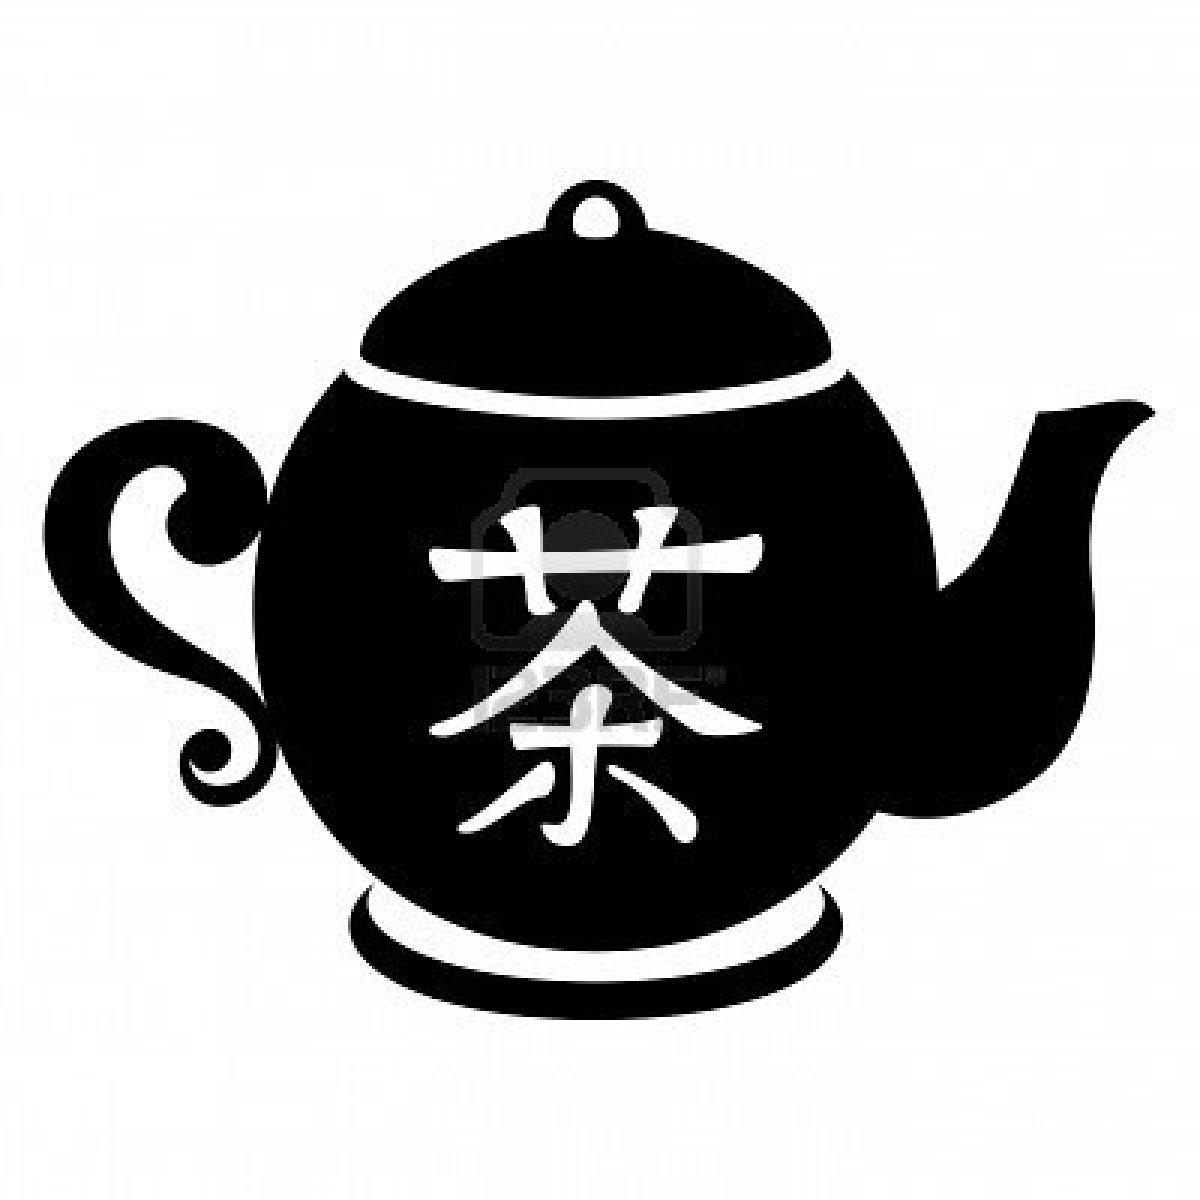 商品内容   名称:2006年云南七子陈年普洱茶熟饼1饼/7饼/42饼